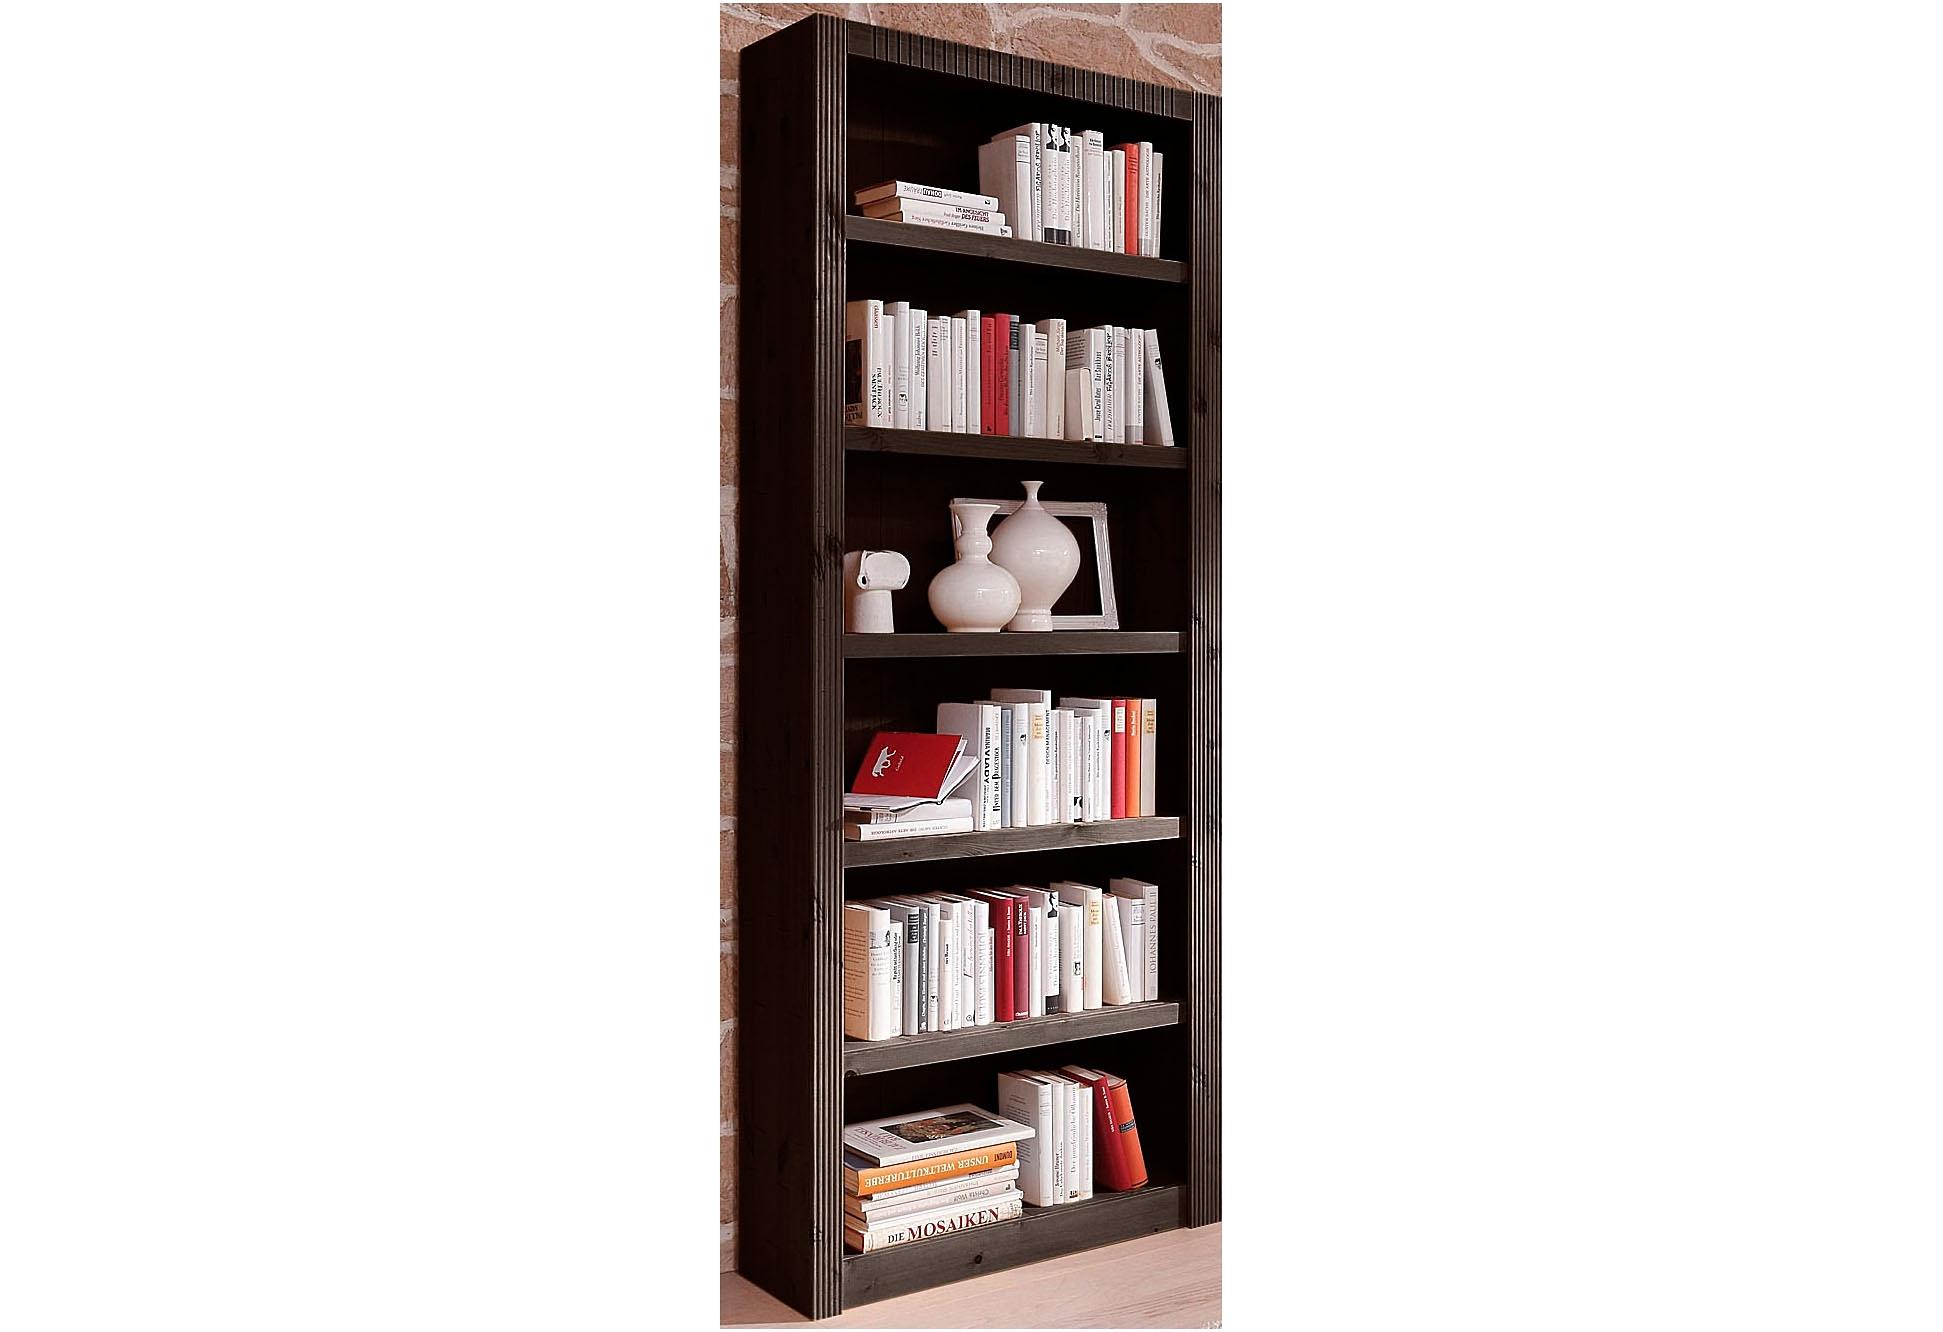 boekenkast basiselement breedte 825 cm bruin